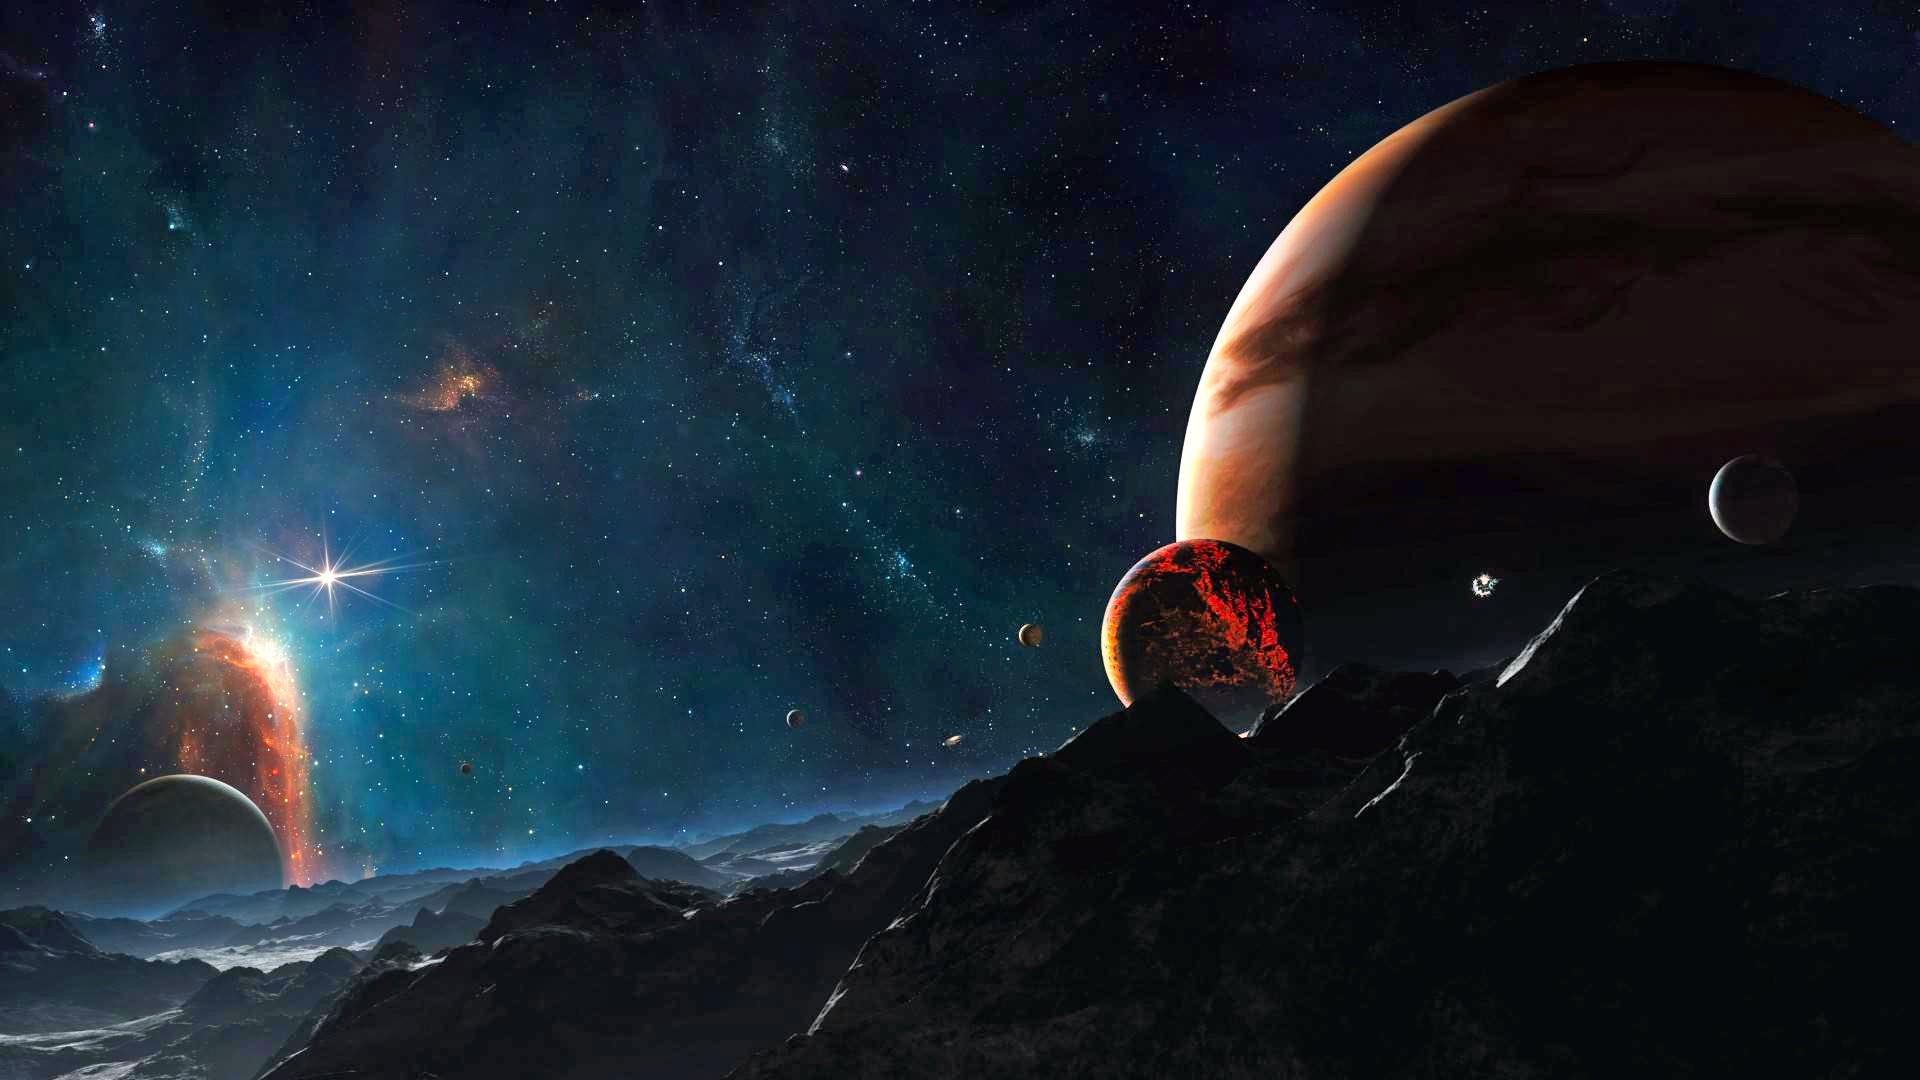 обои на рабочий стол космос юпитер № 281563  скачать